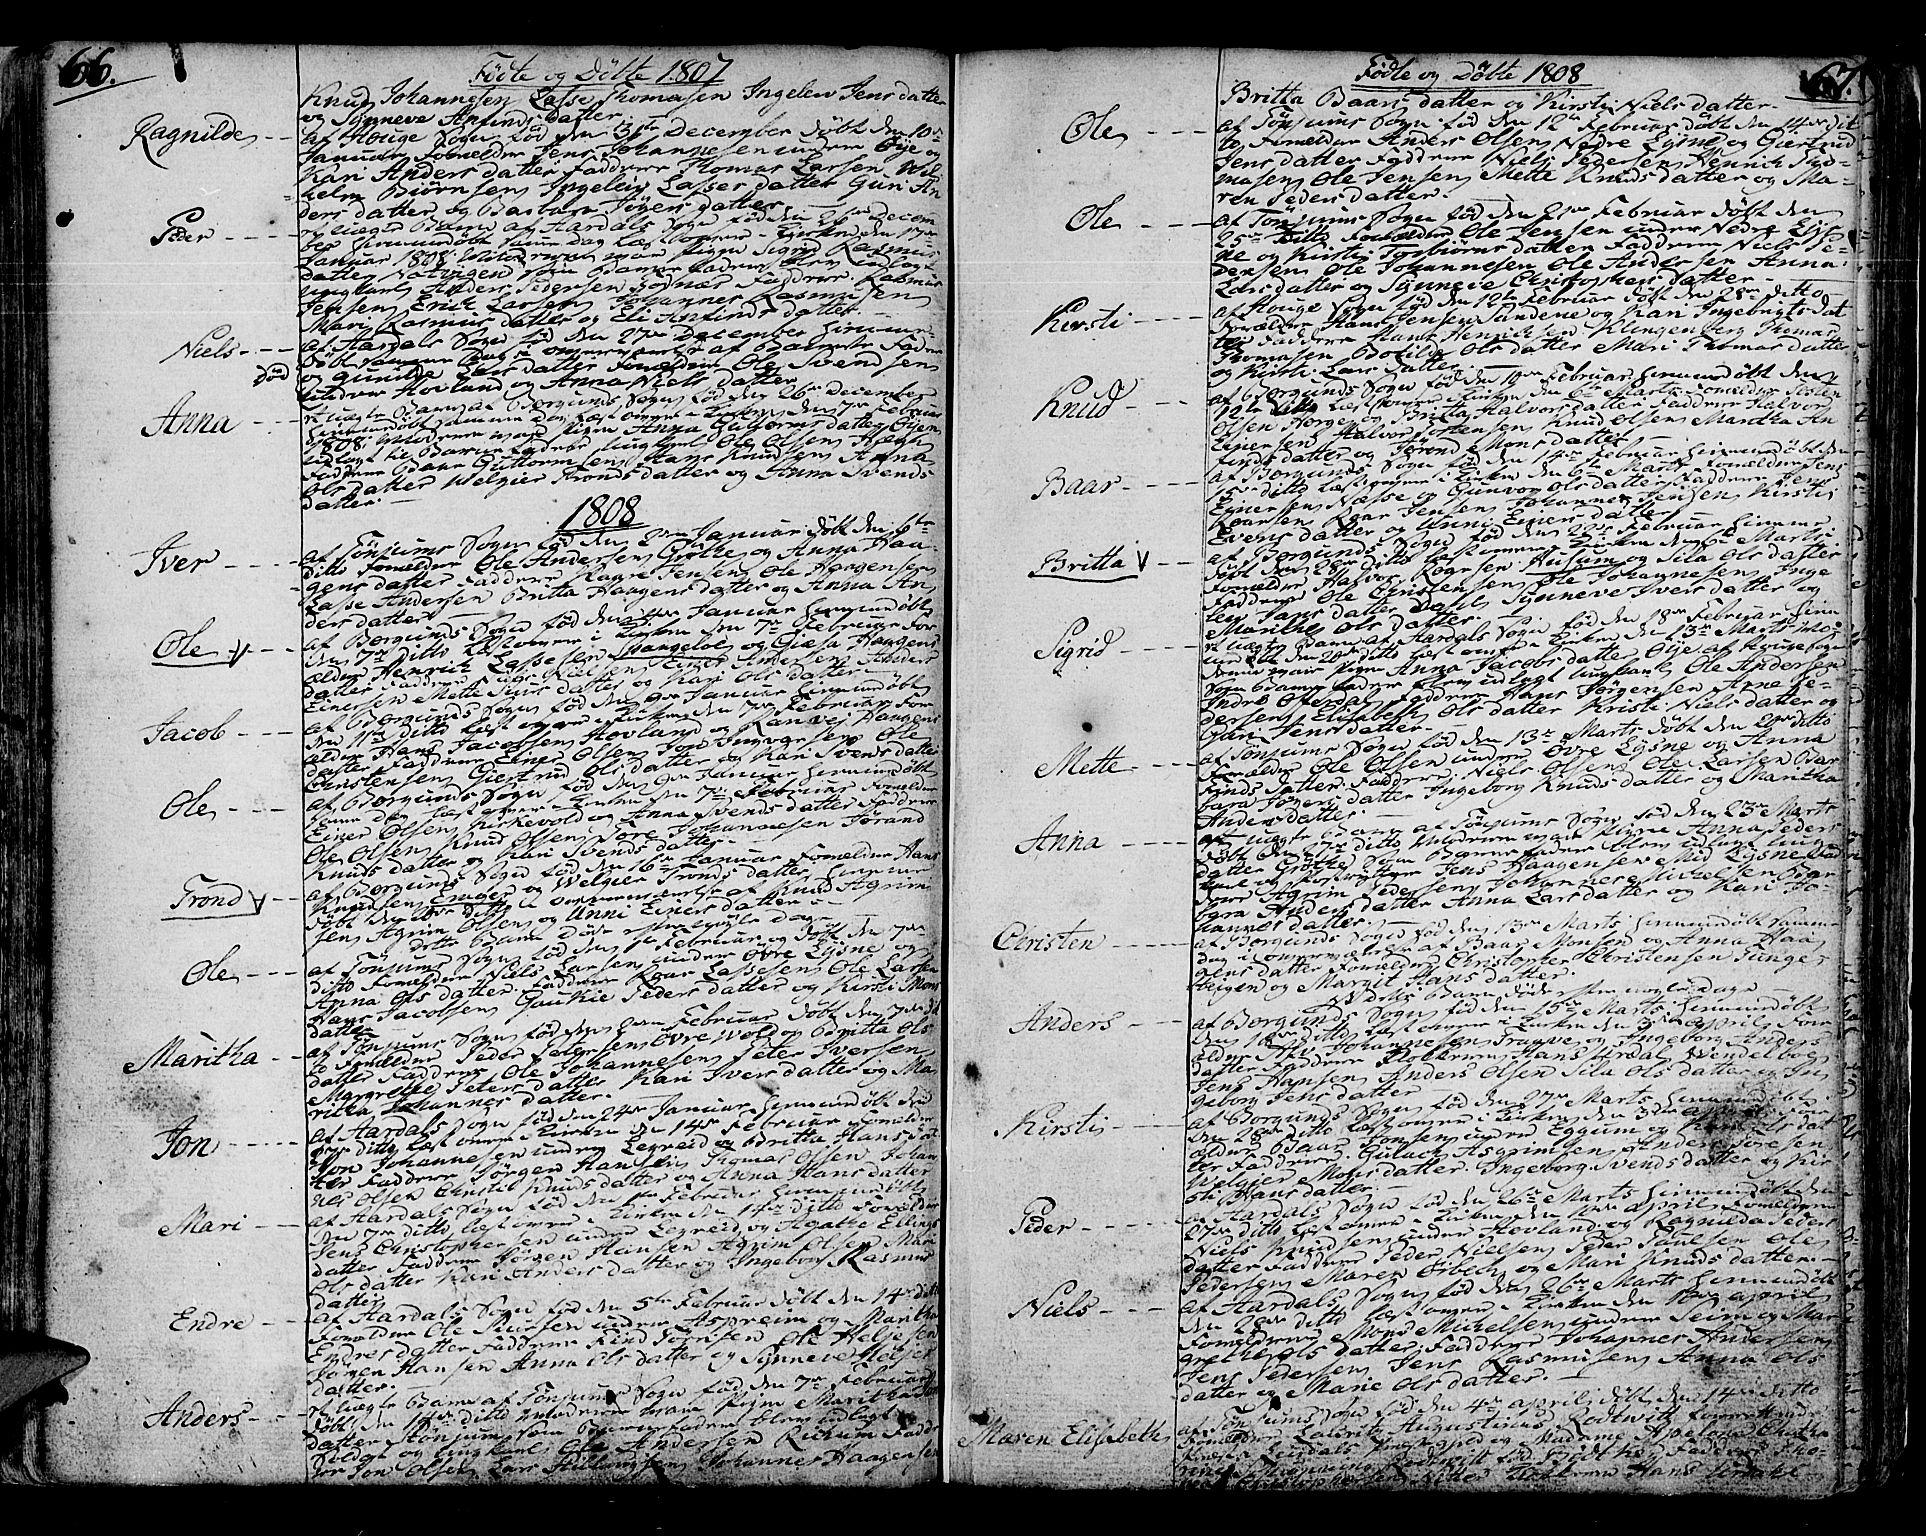 SAB, Lærdal sokneprestembete, Ministerialbok nr. A 4, 1805-1821, s. 66-67